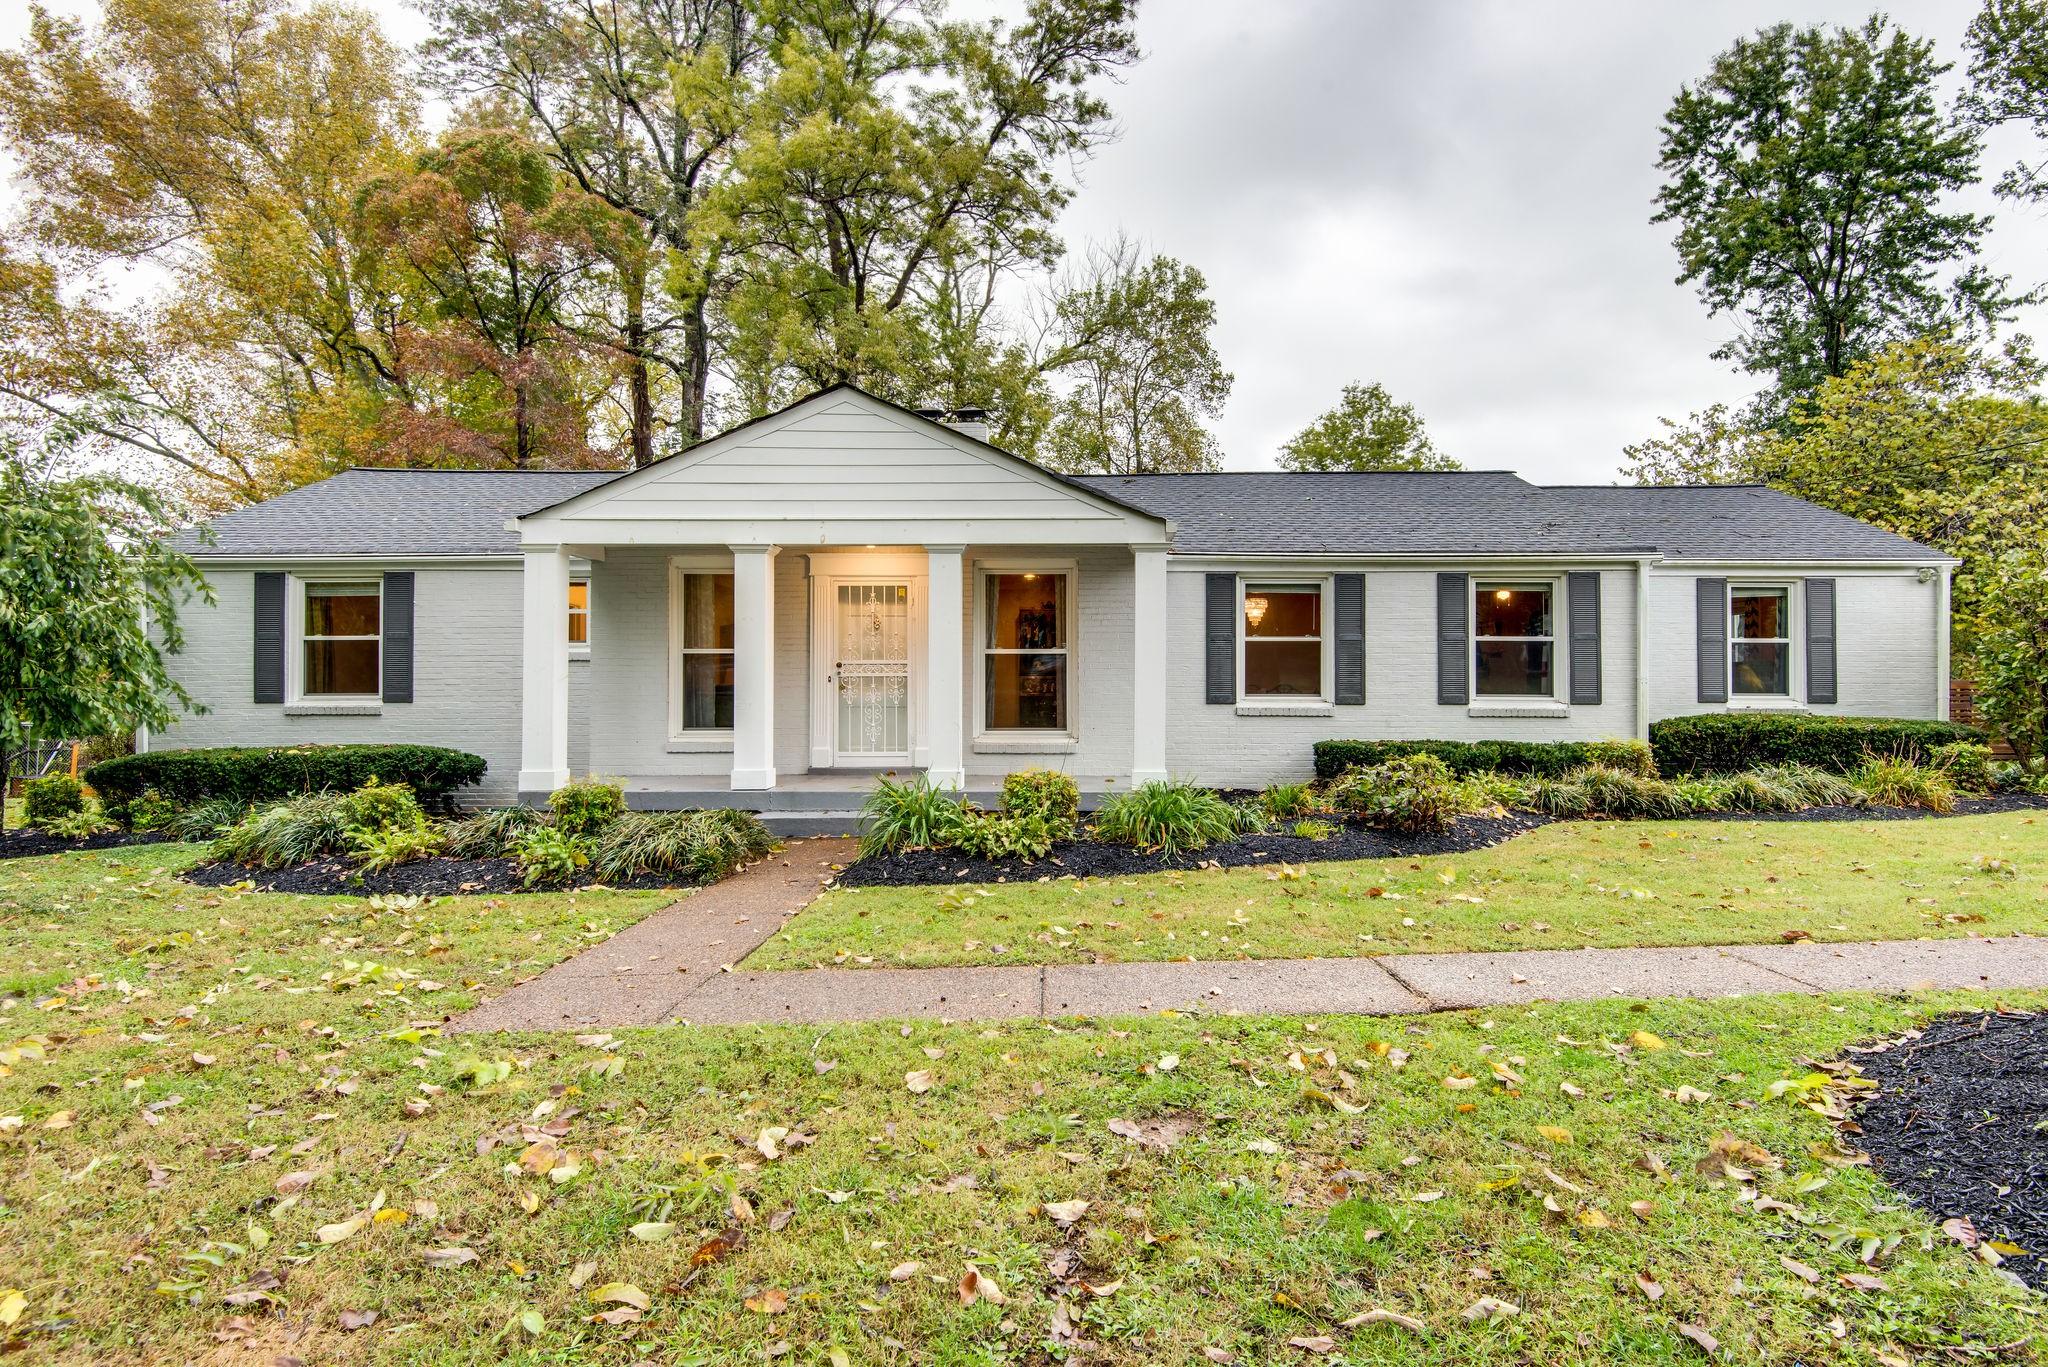 532 Barrywood Dr, Nashville, TN 37220 - Nashville, TN real estate listing